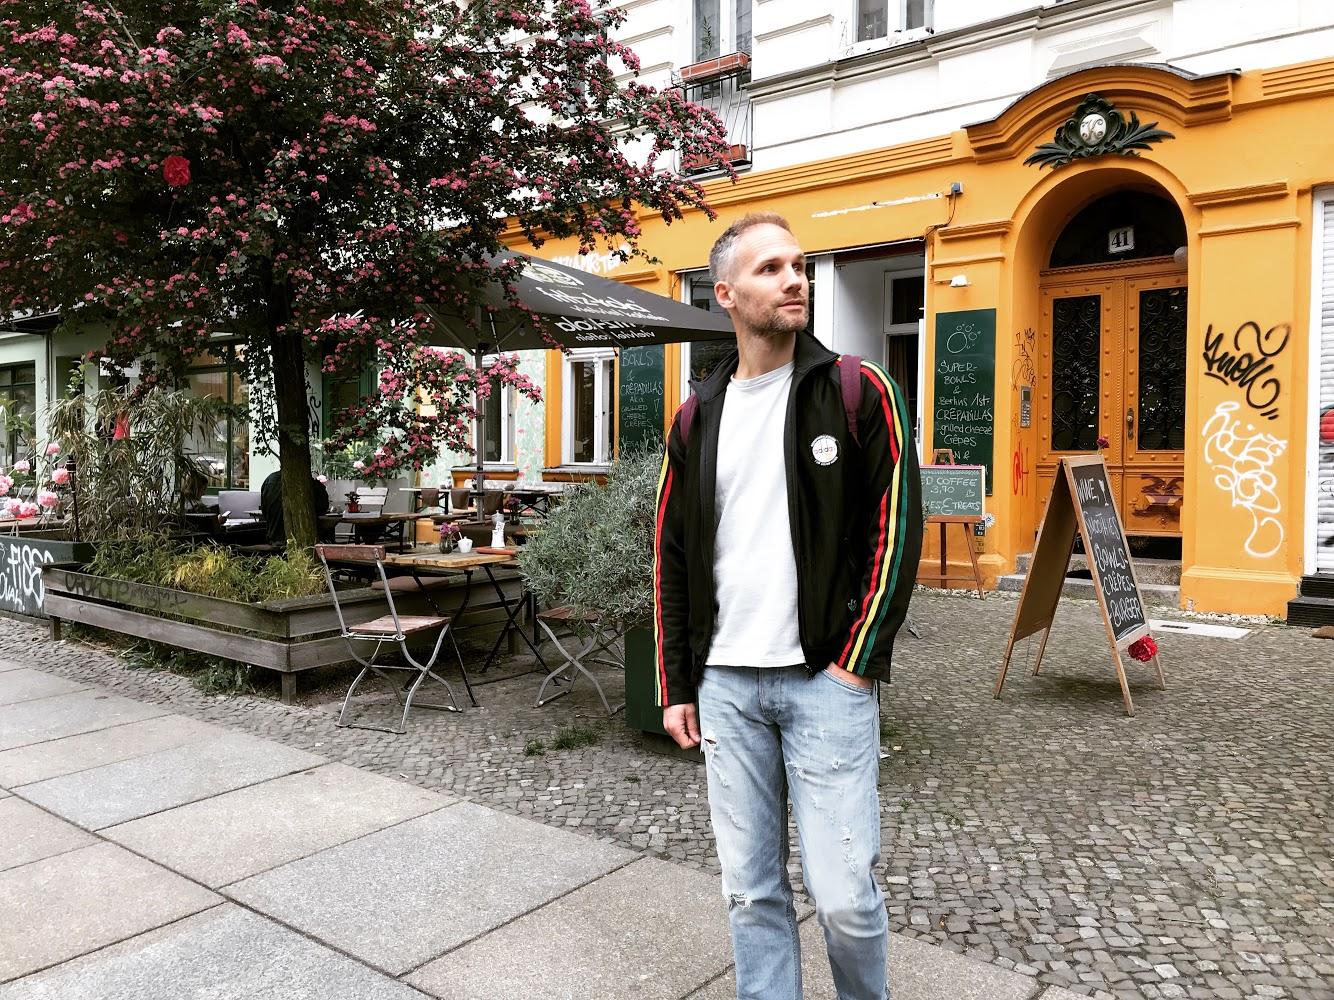 Oost-Berlijn blog deel 1 Doen Proeven timwasintown.com